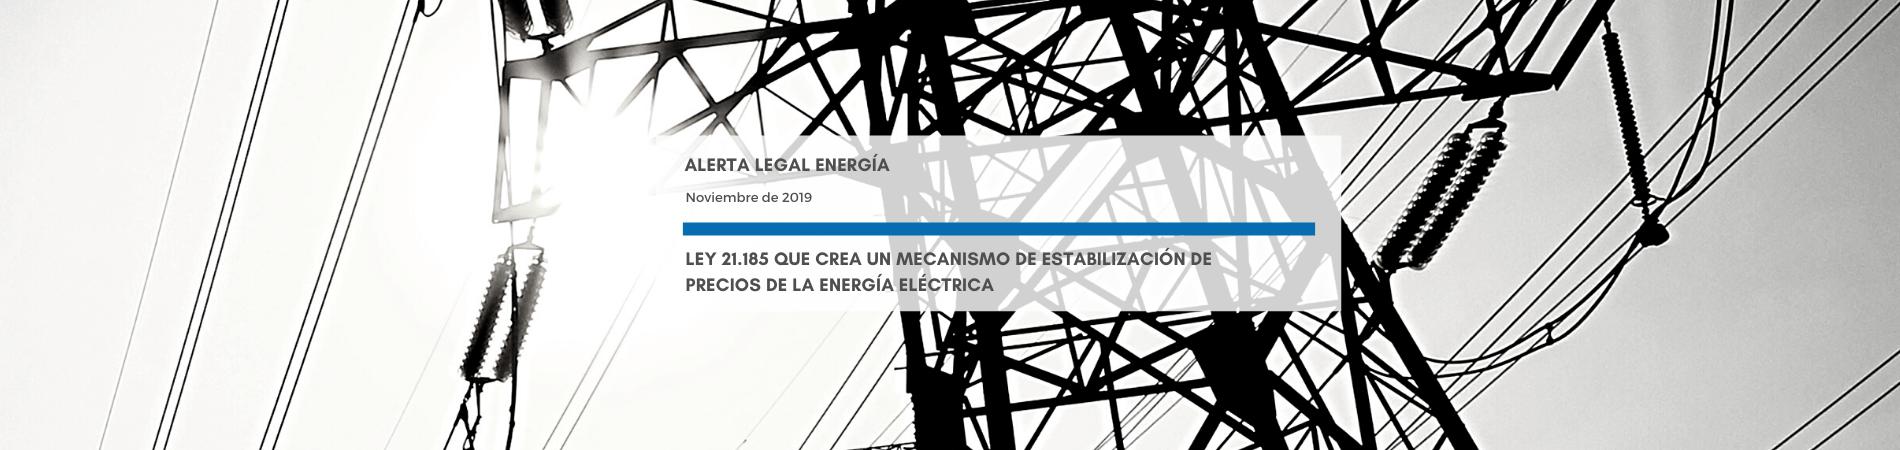 Alerta Legal M&B | Ley Nº 21.185 crea un mecanismo de estabilización de precios de la energía eléctrica